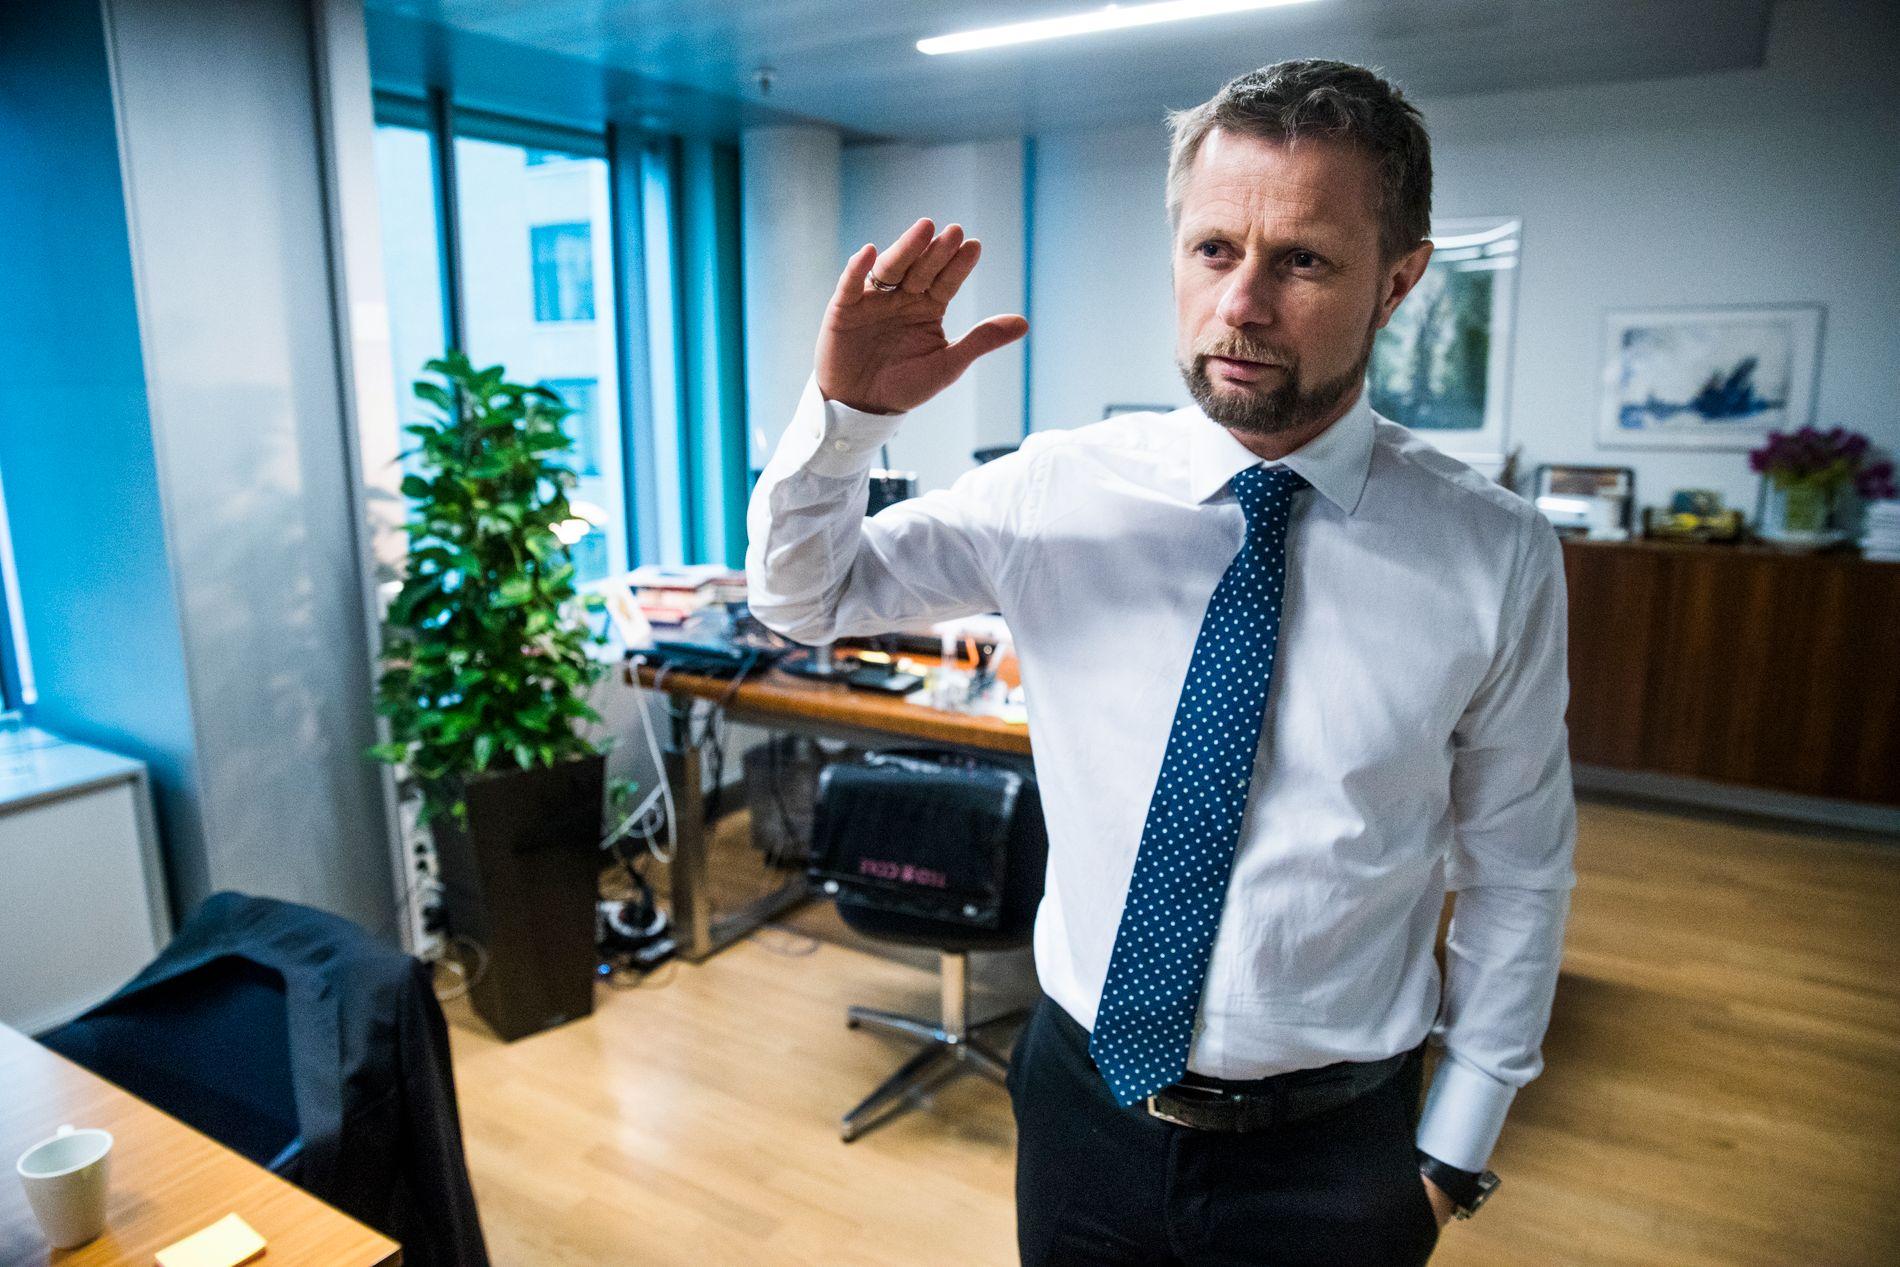 KRITISK: Helse- og omsorgsminister Bent Høie (H) krever endringer i tvangsbruk ved norske sykehus.